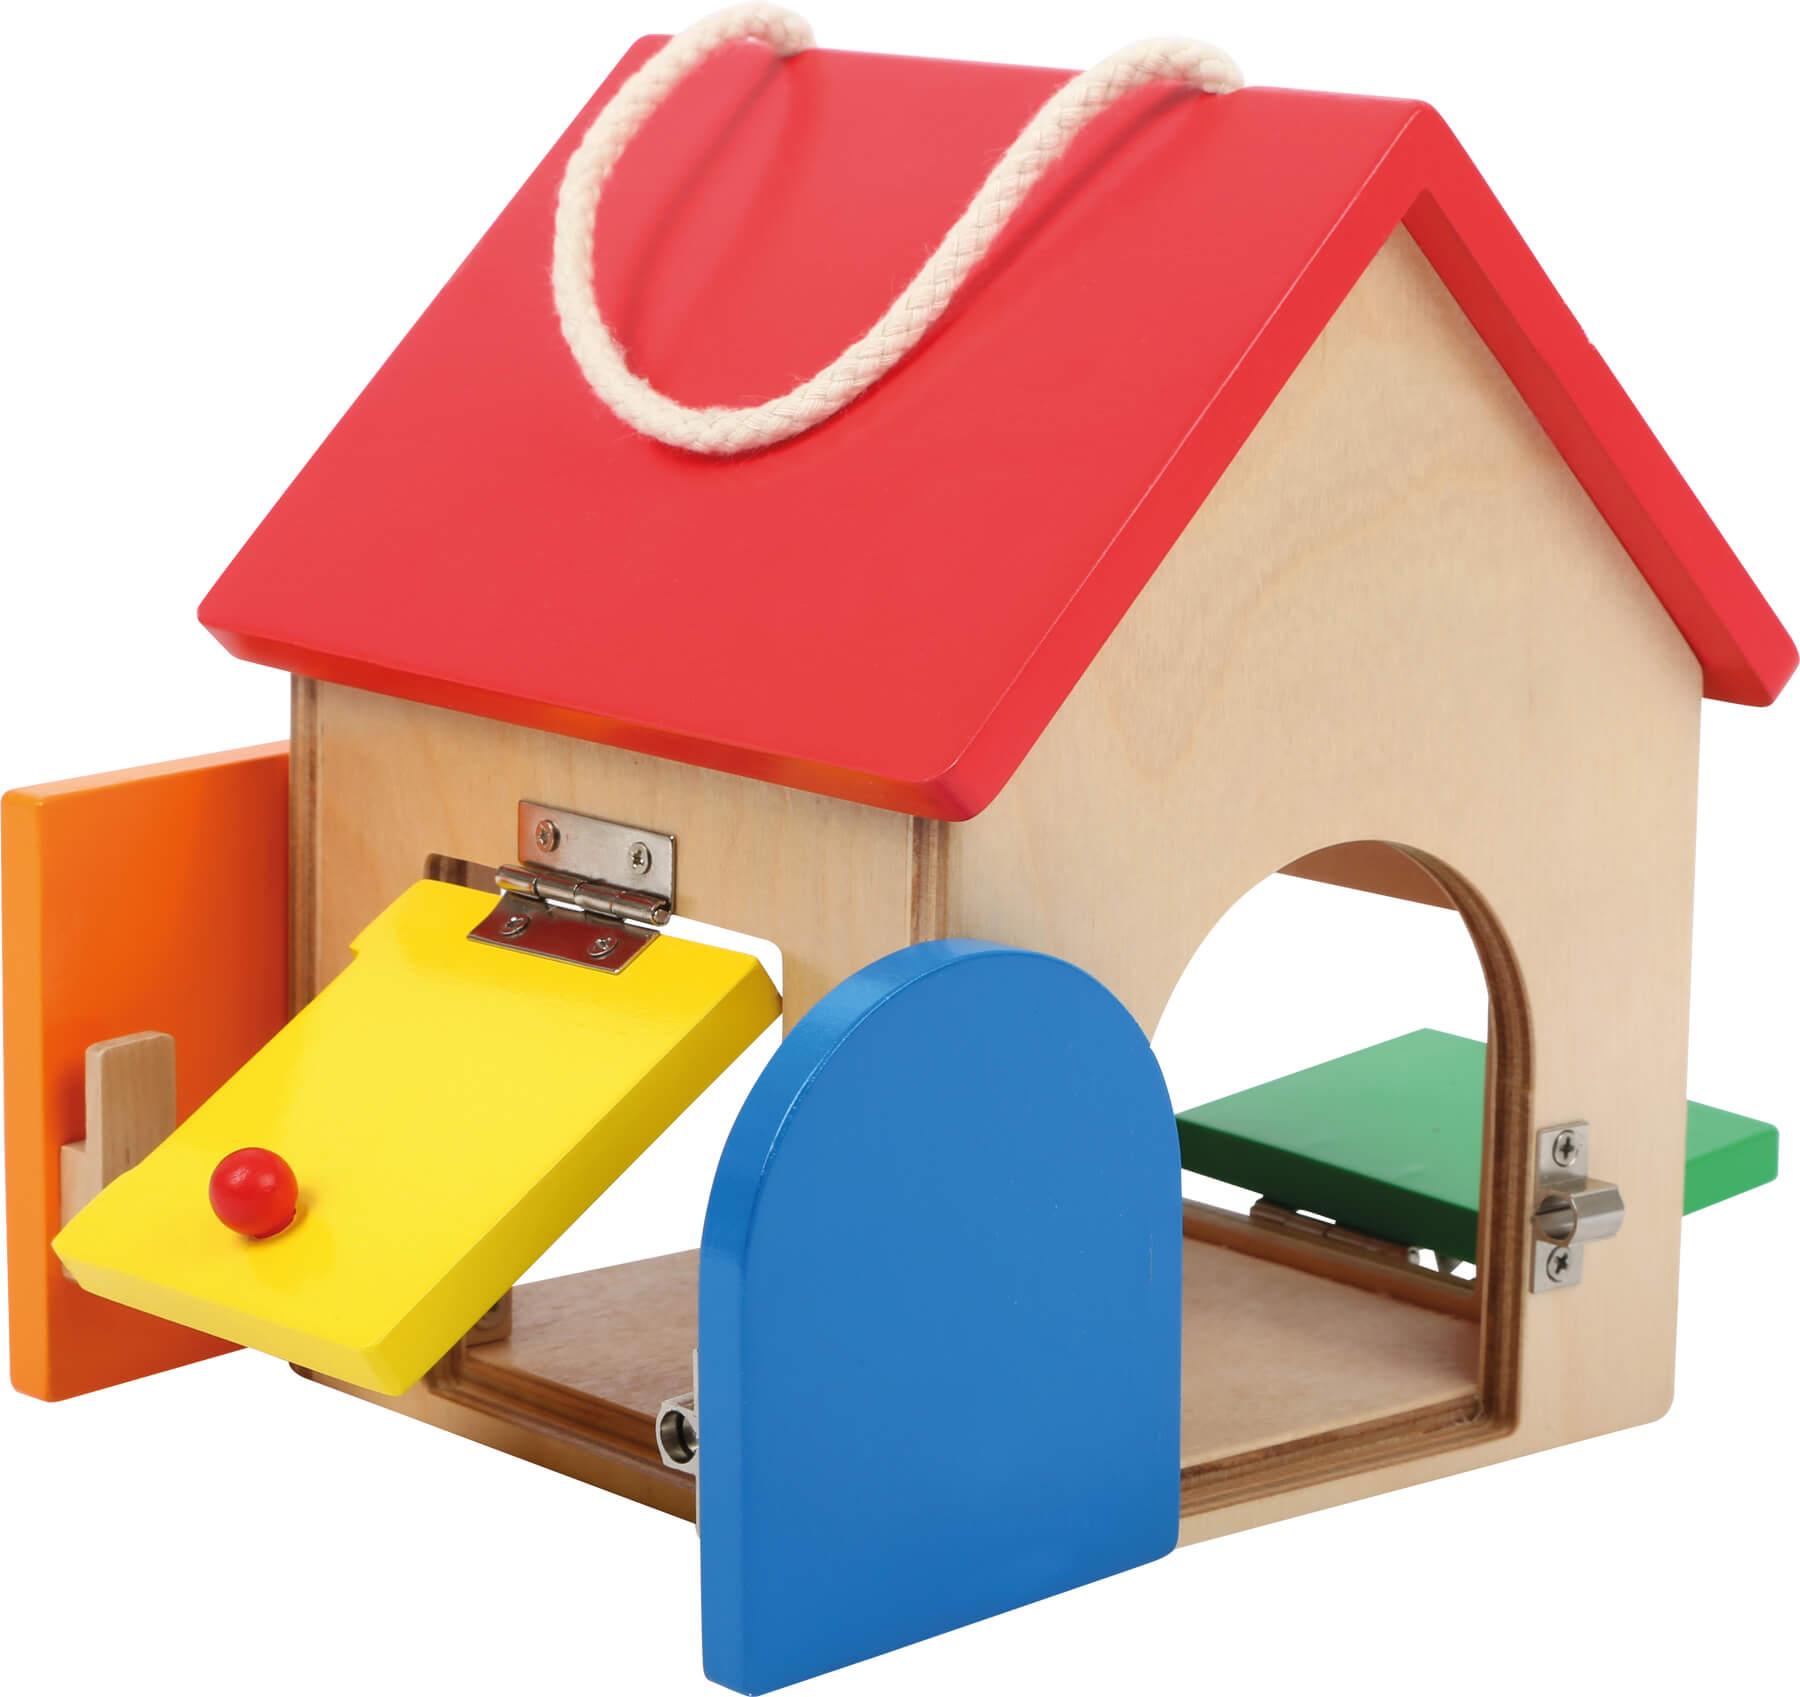 Mini casita de cerraduras de madera-ukitu juguetes